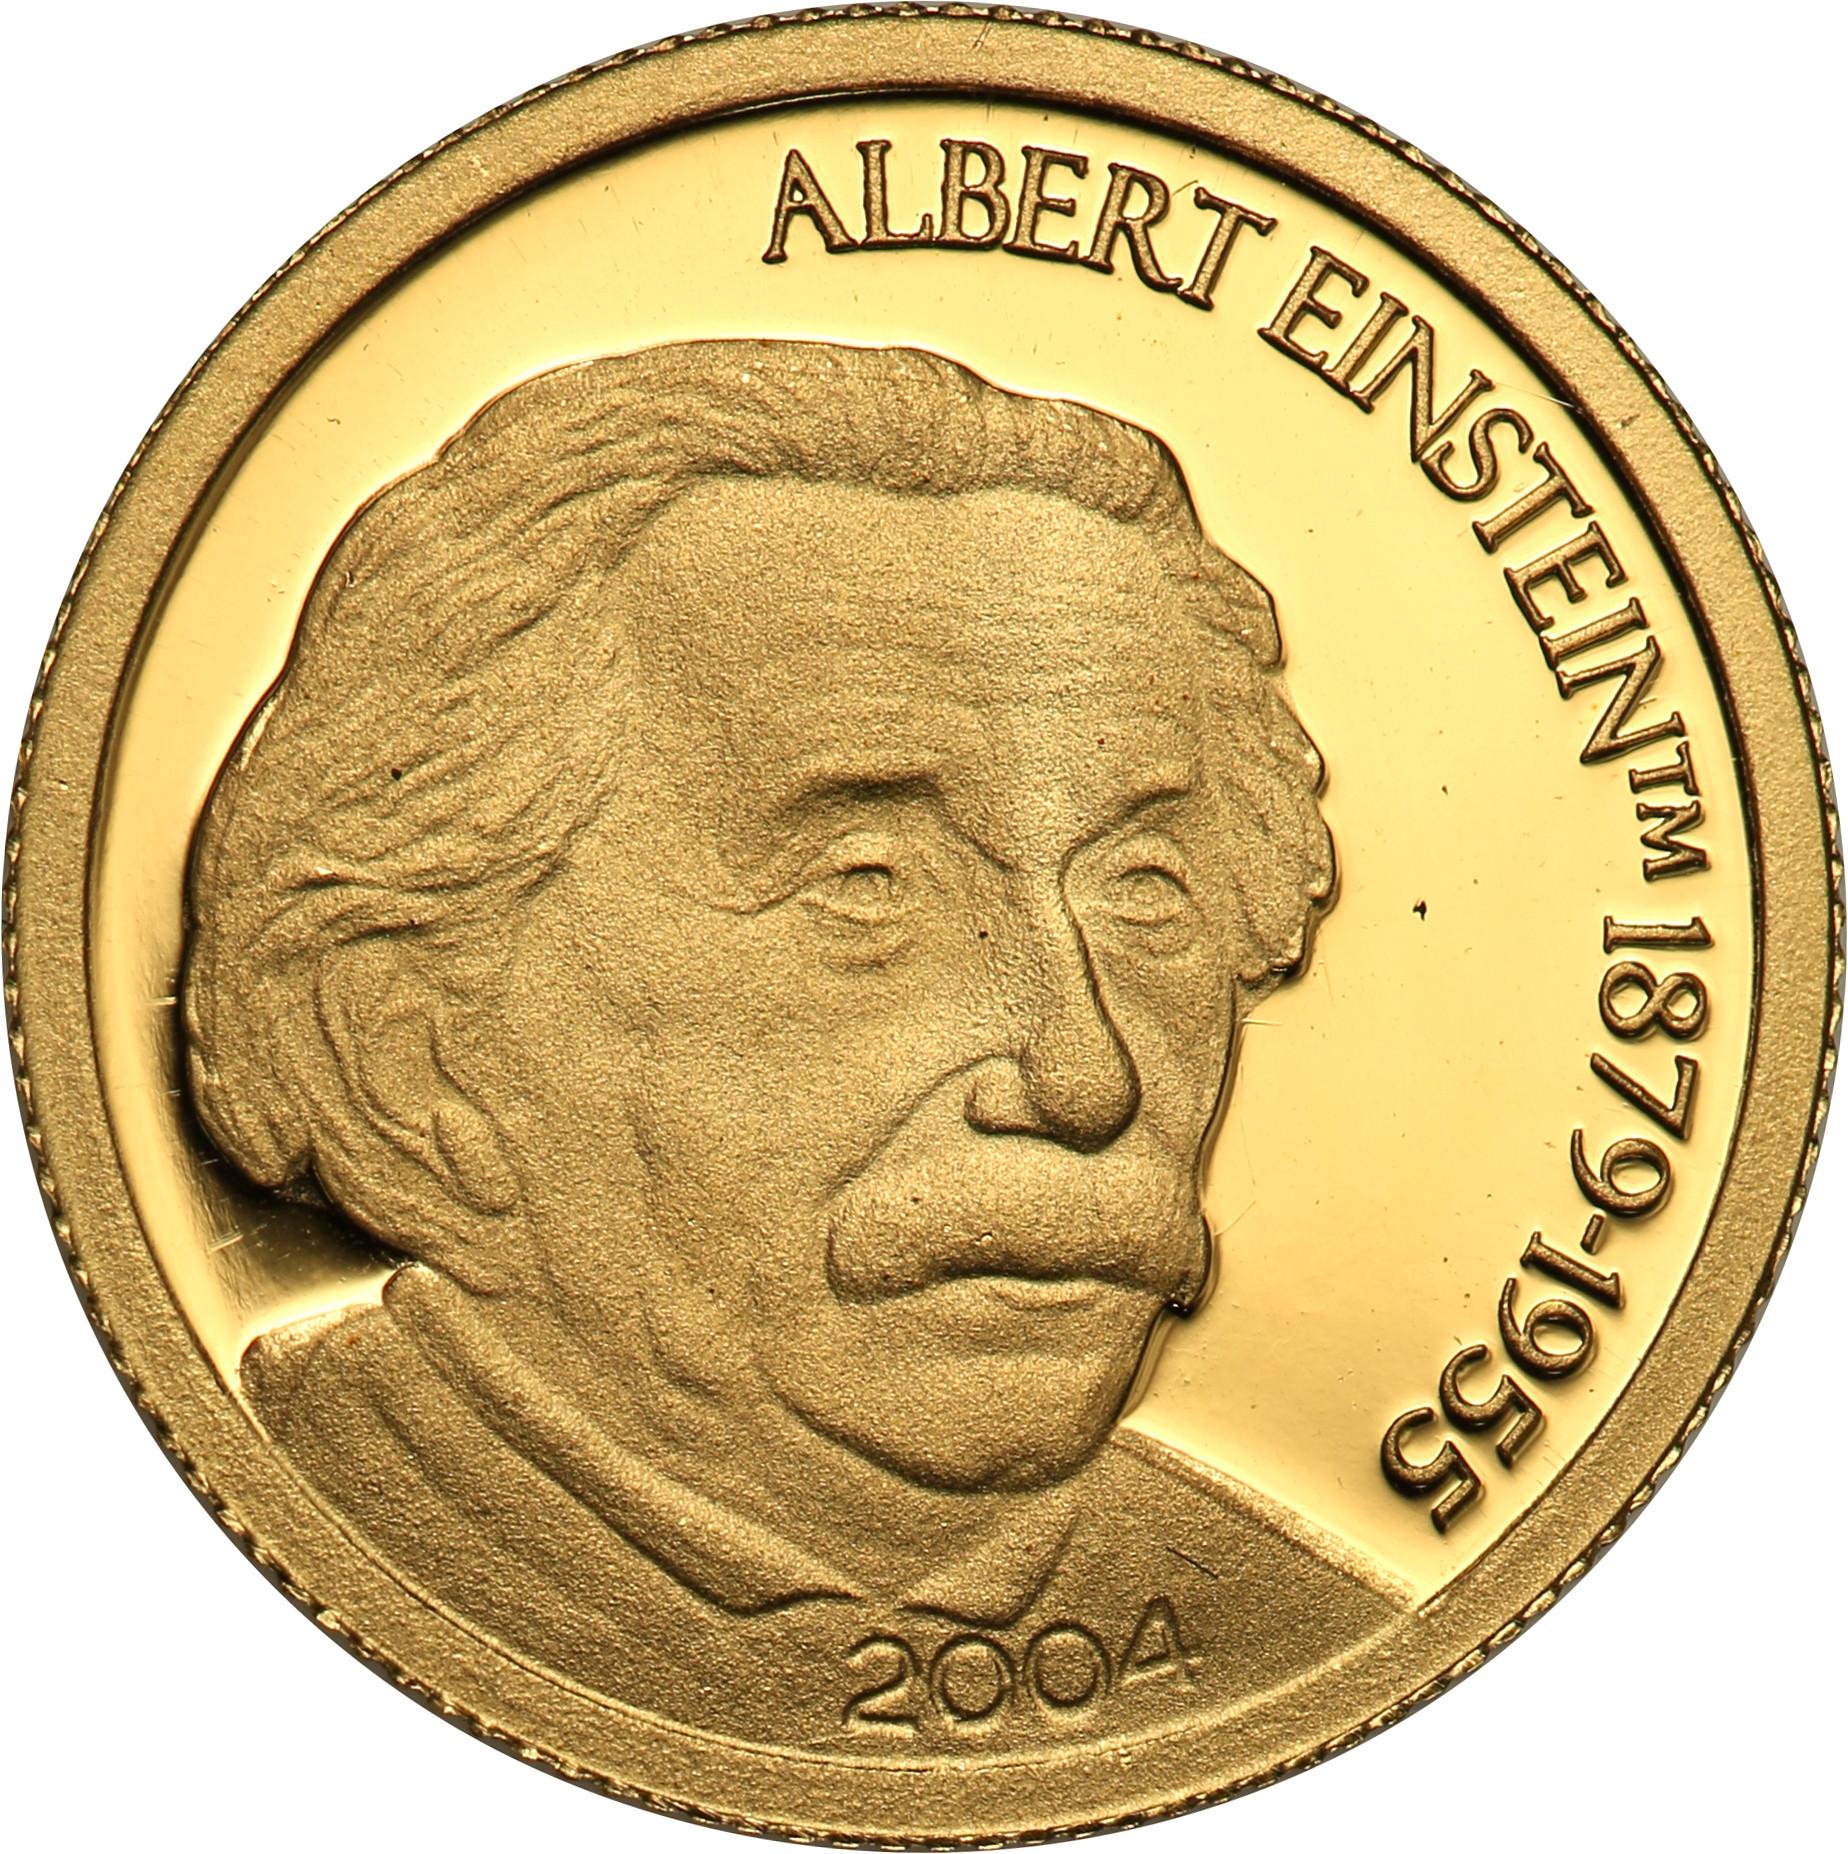 Mariany Północne. 5 dolarów 2004 Albert Einstein st.L